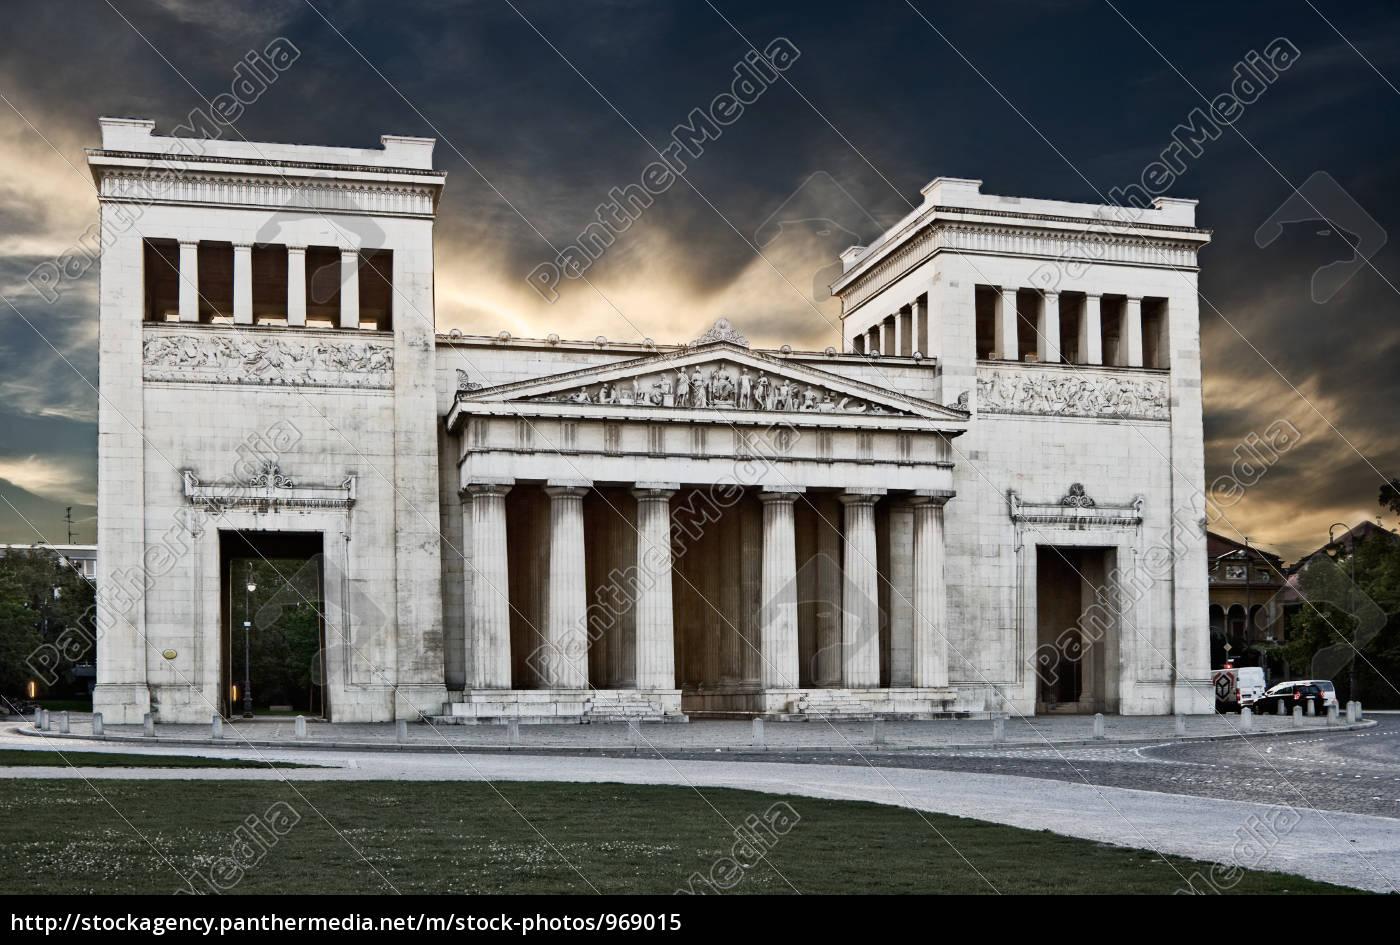 königsplatz, (, königsplatz, ) - 969015